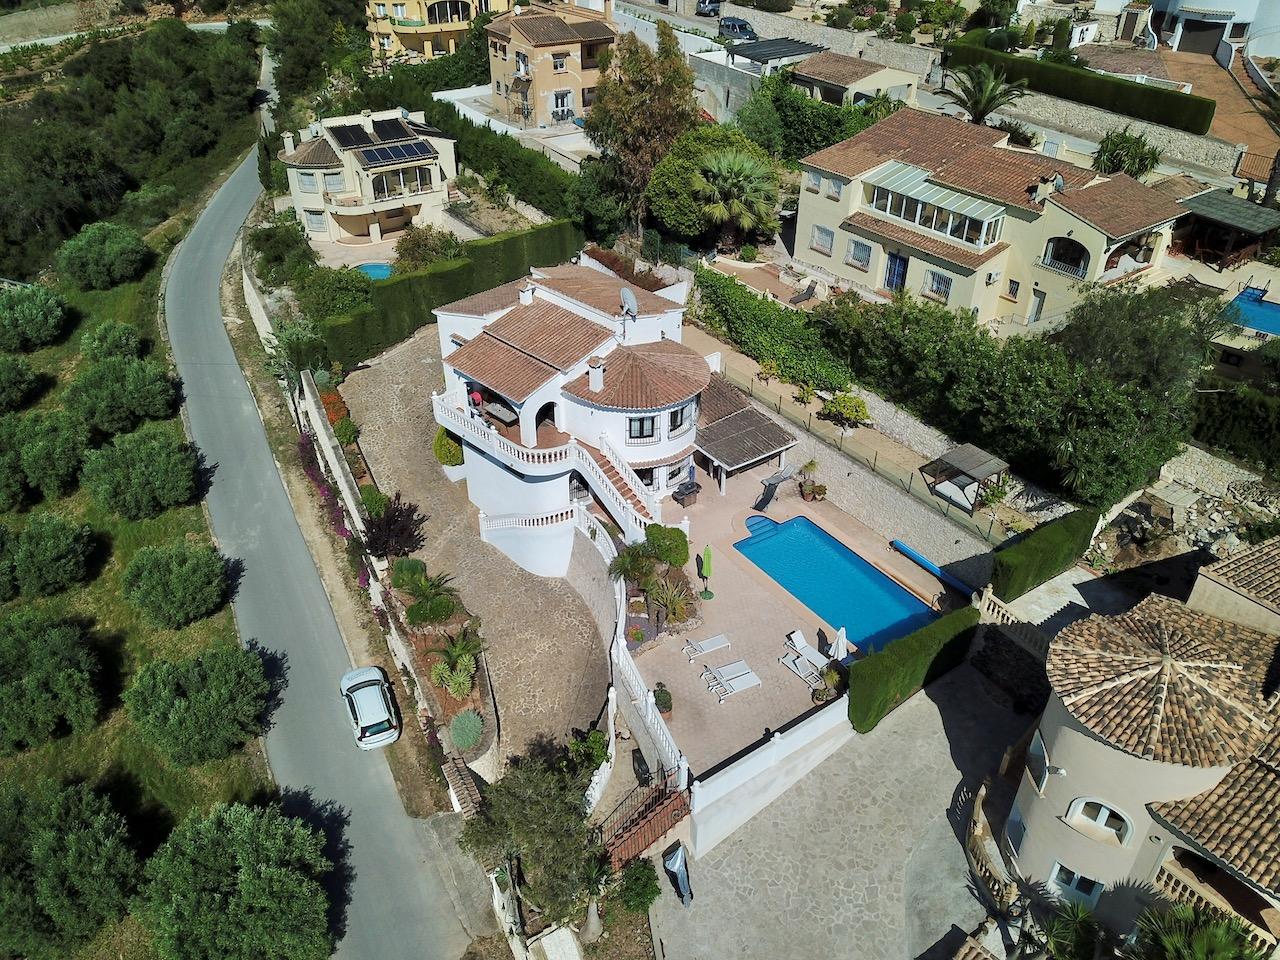 Villa For Sale in Benitachell, Alicante (Costa Blanca)